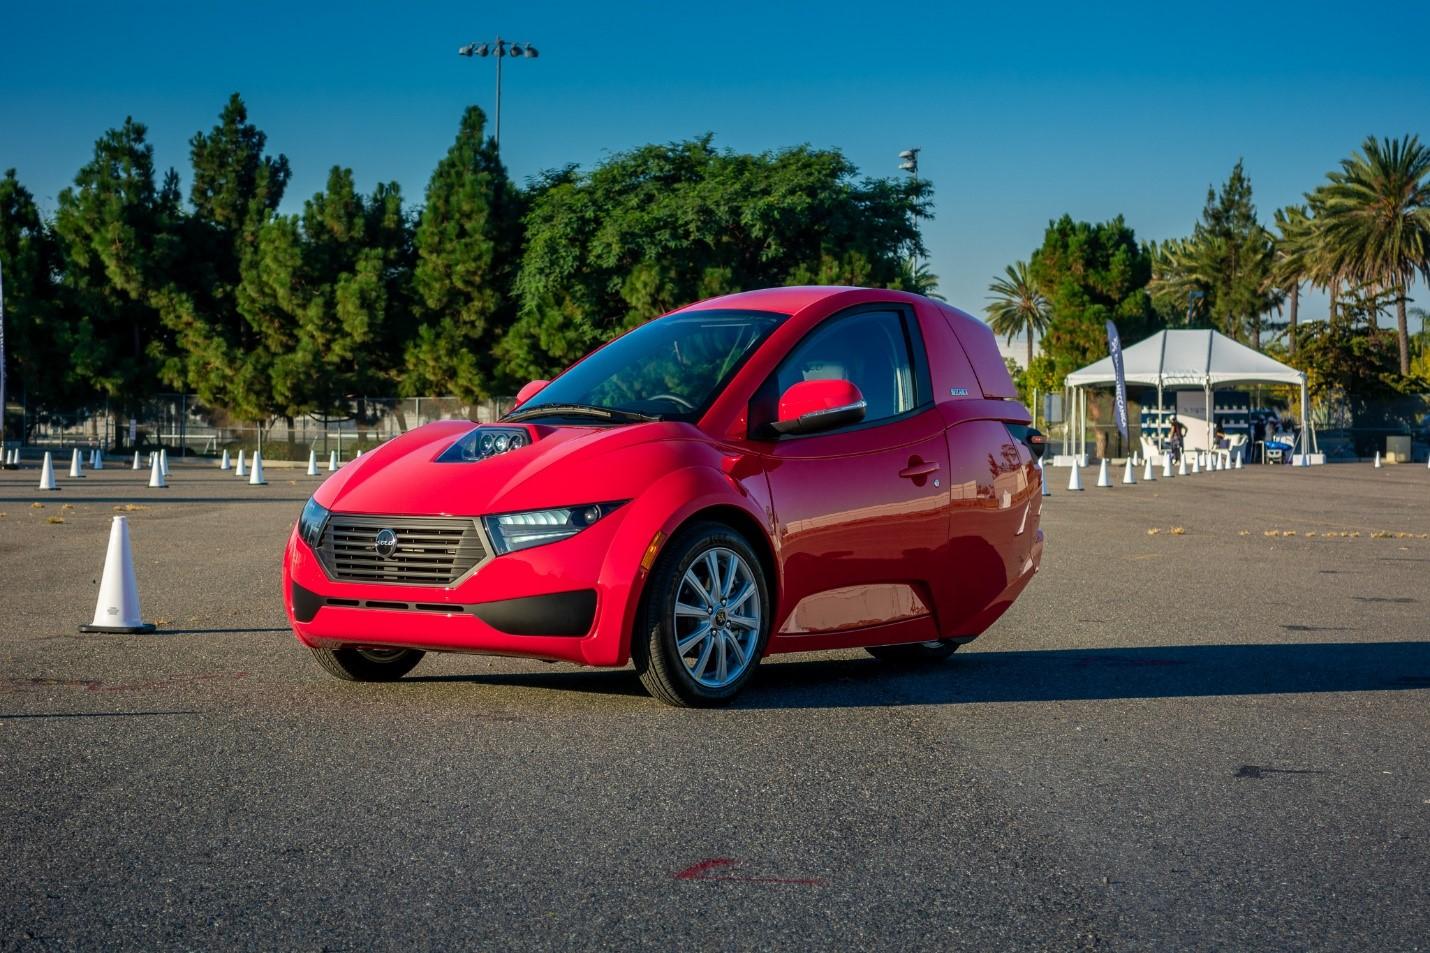 Production SOLO EV at the Company's 'ride-and-drive' press event in Santa Monica, CA.